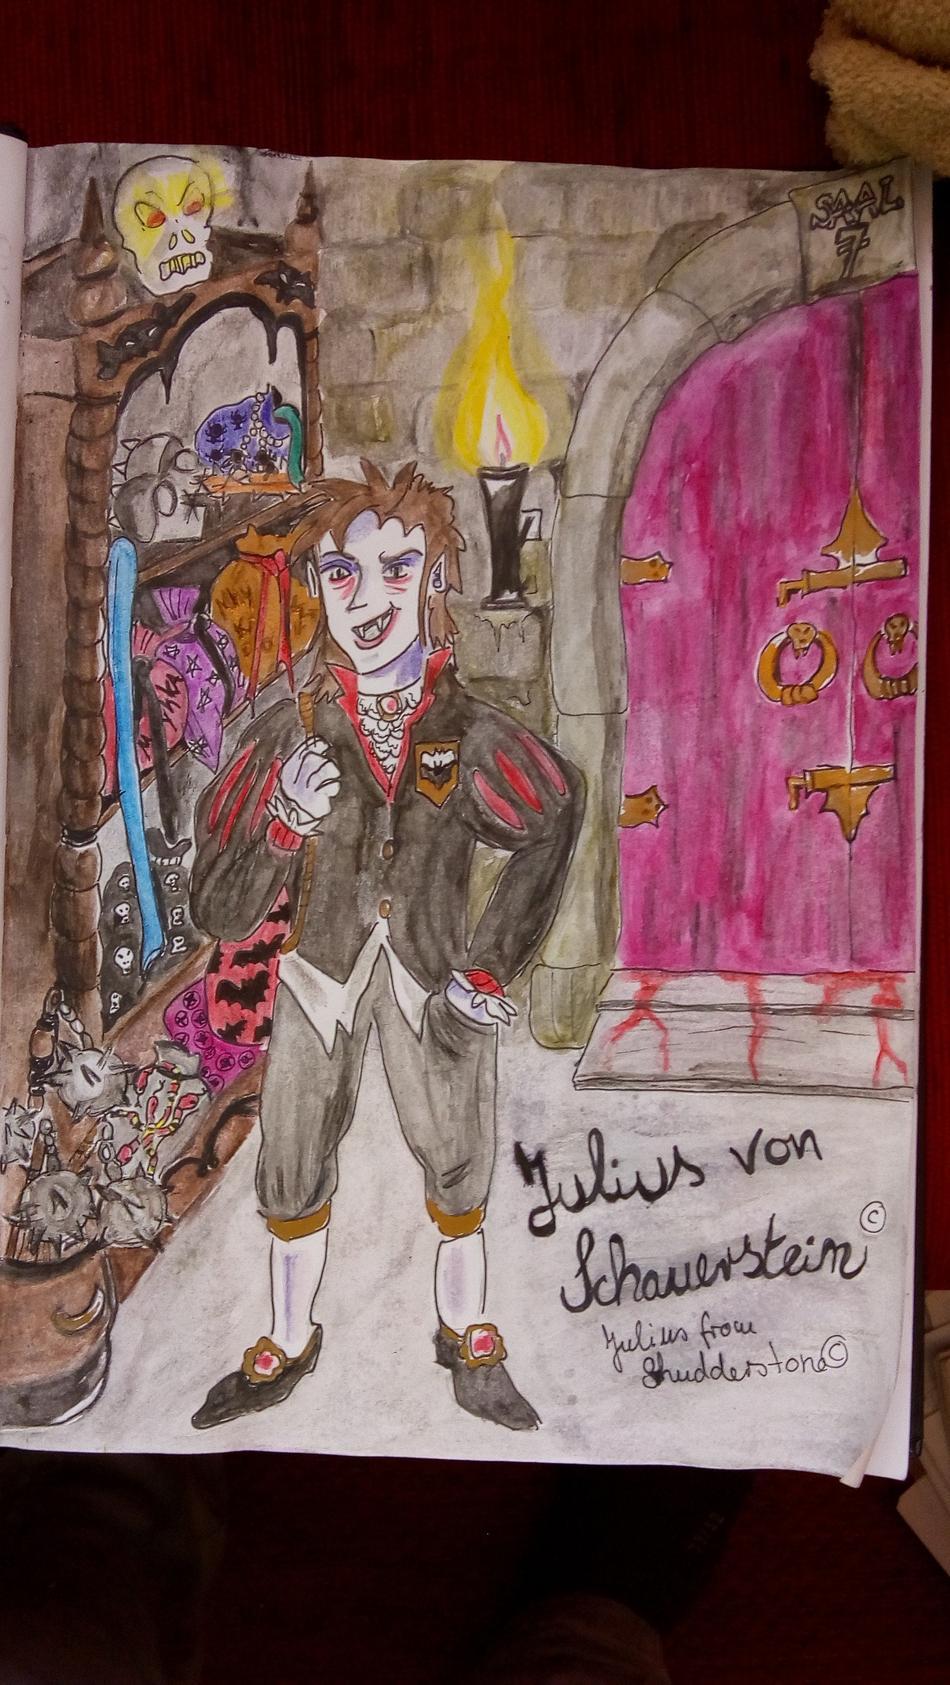 Julius  von Schauerstein